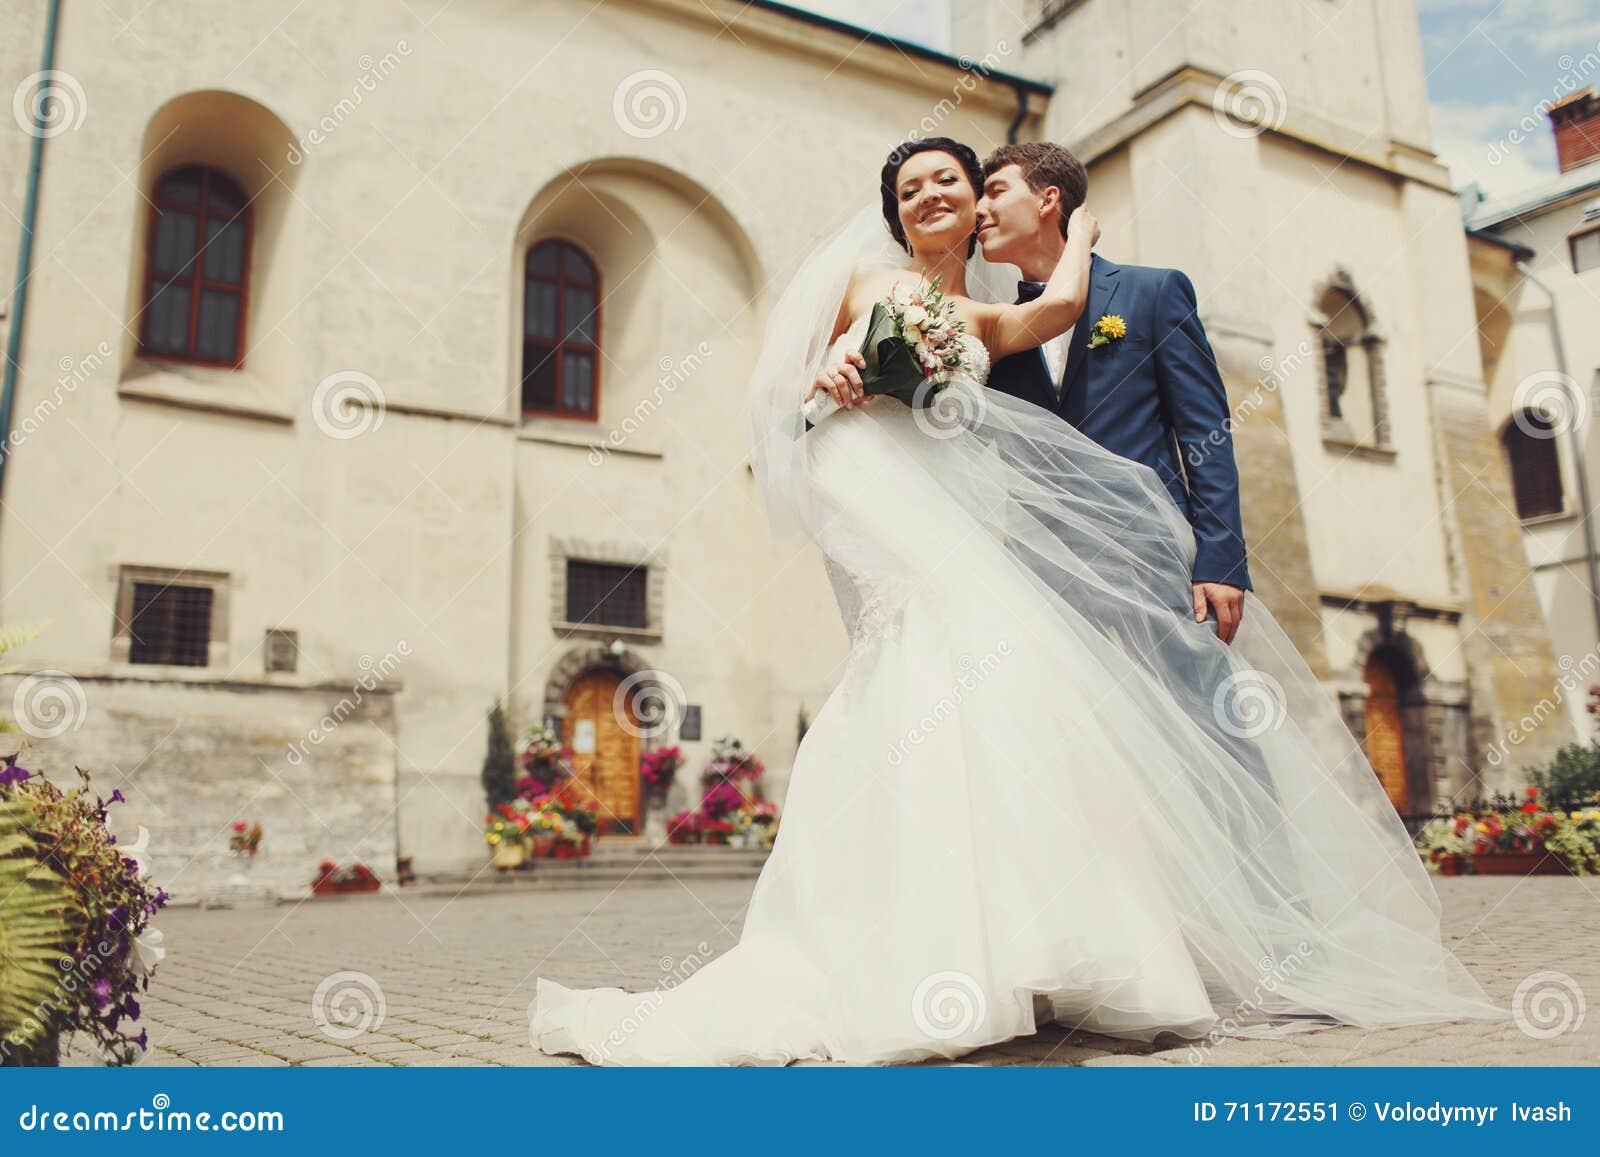 Фото невест снизу фото 270-18